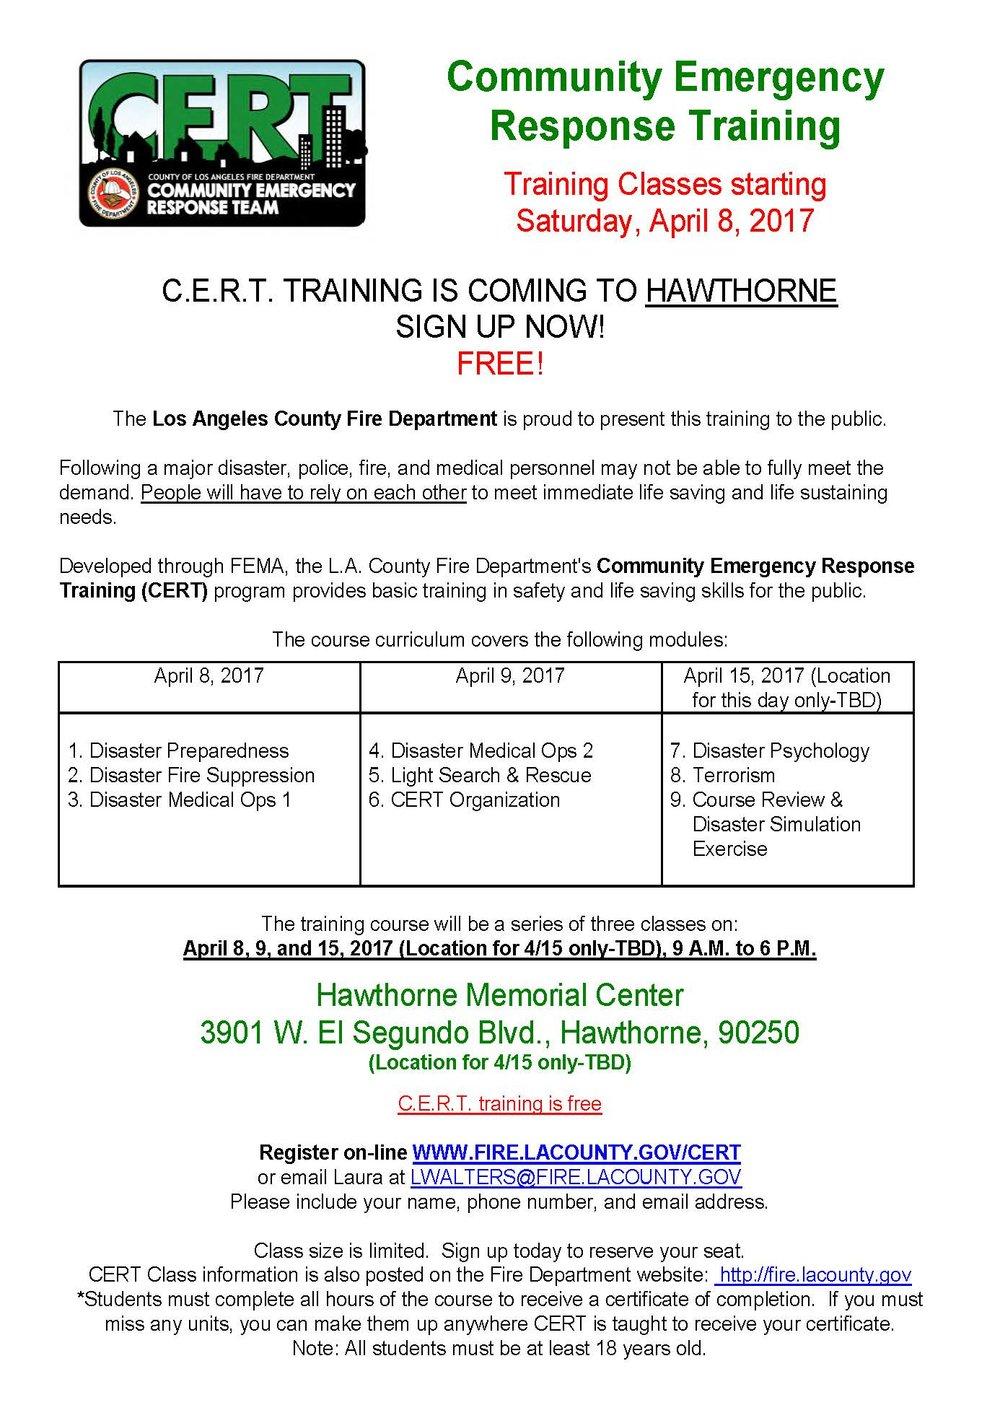 CERT Training Class